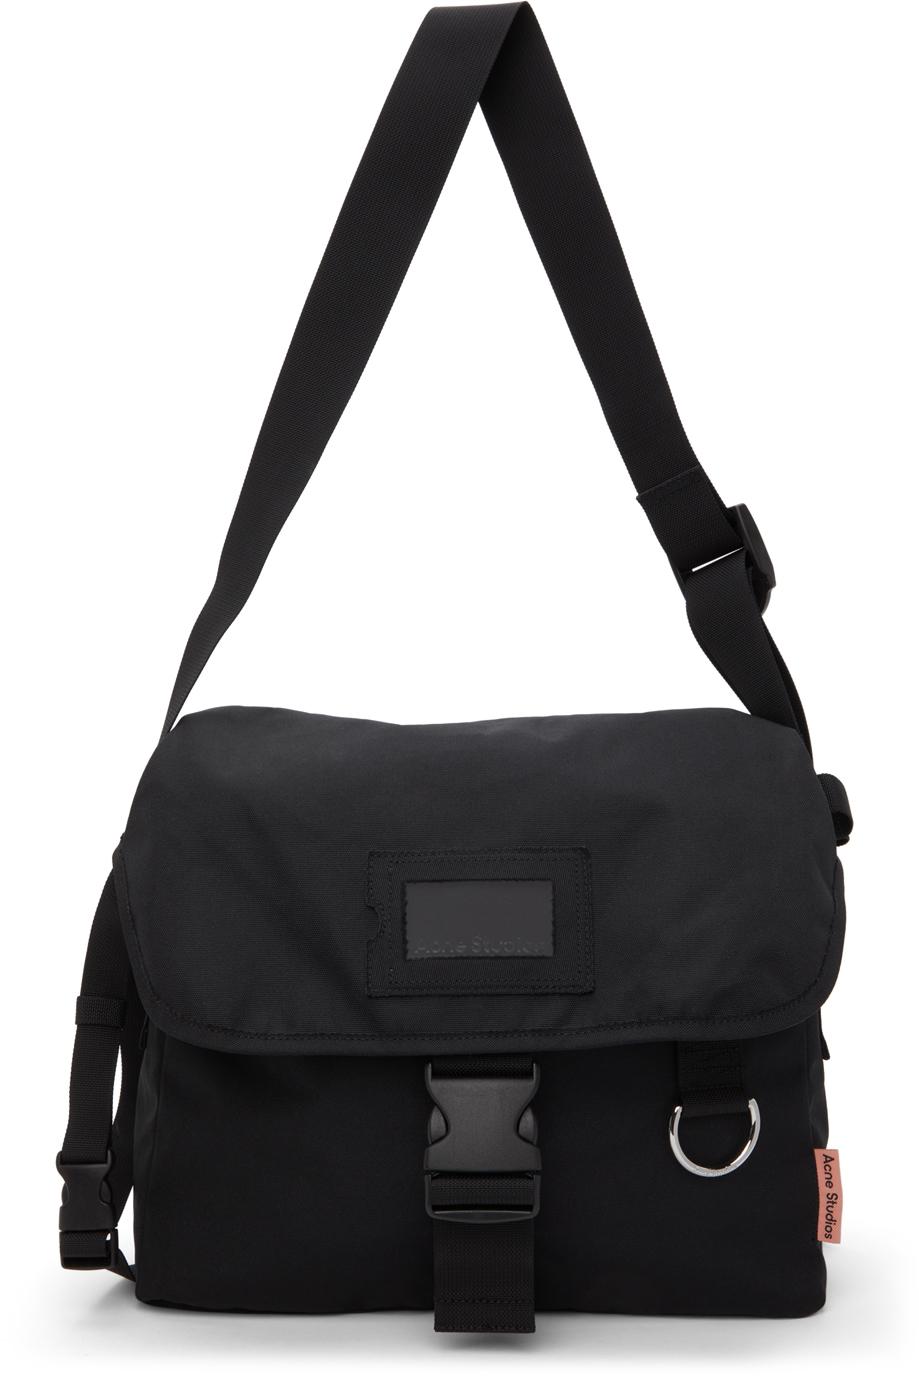 Acne Studios Black Large Canvas Messenger Bag 211129M170007